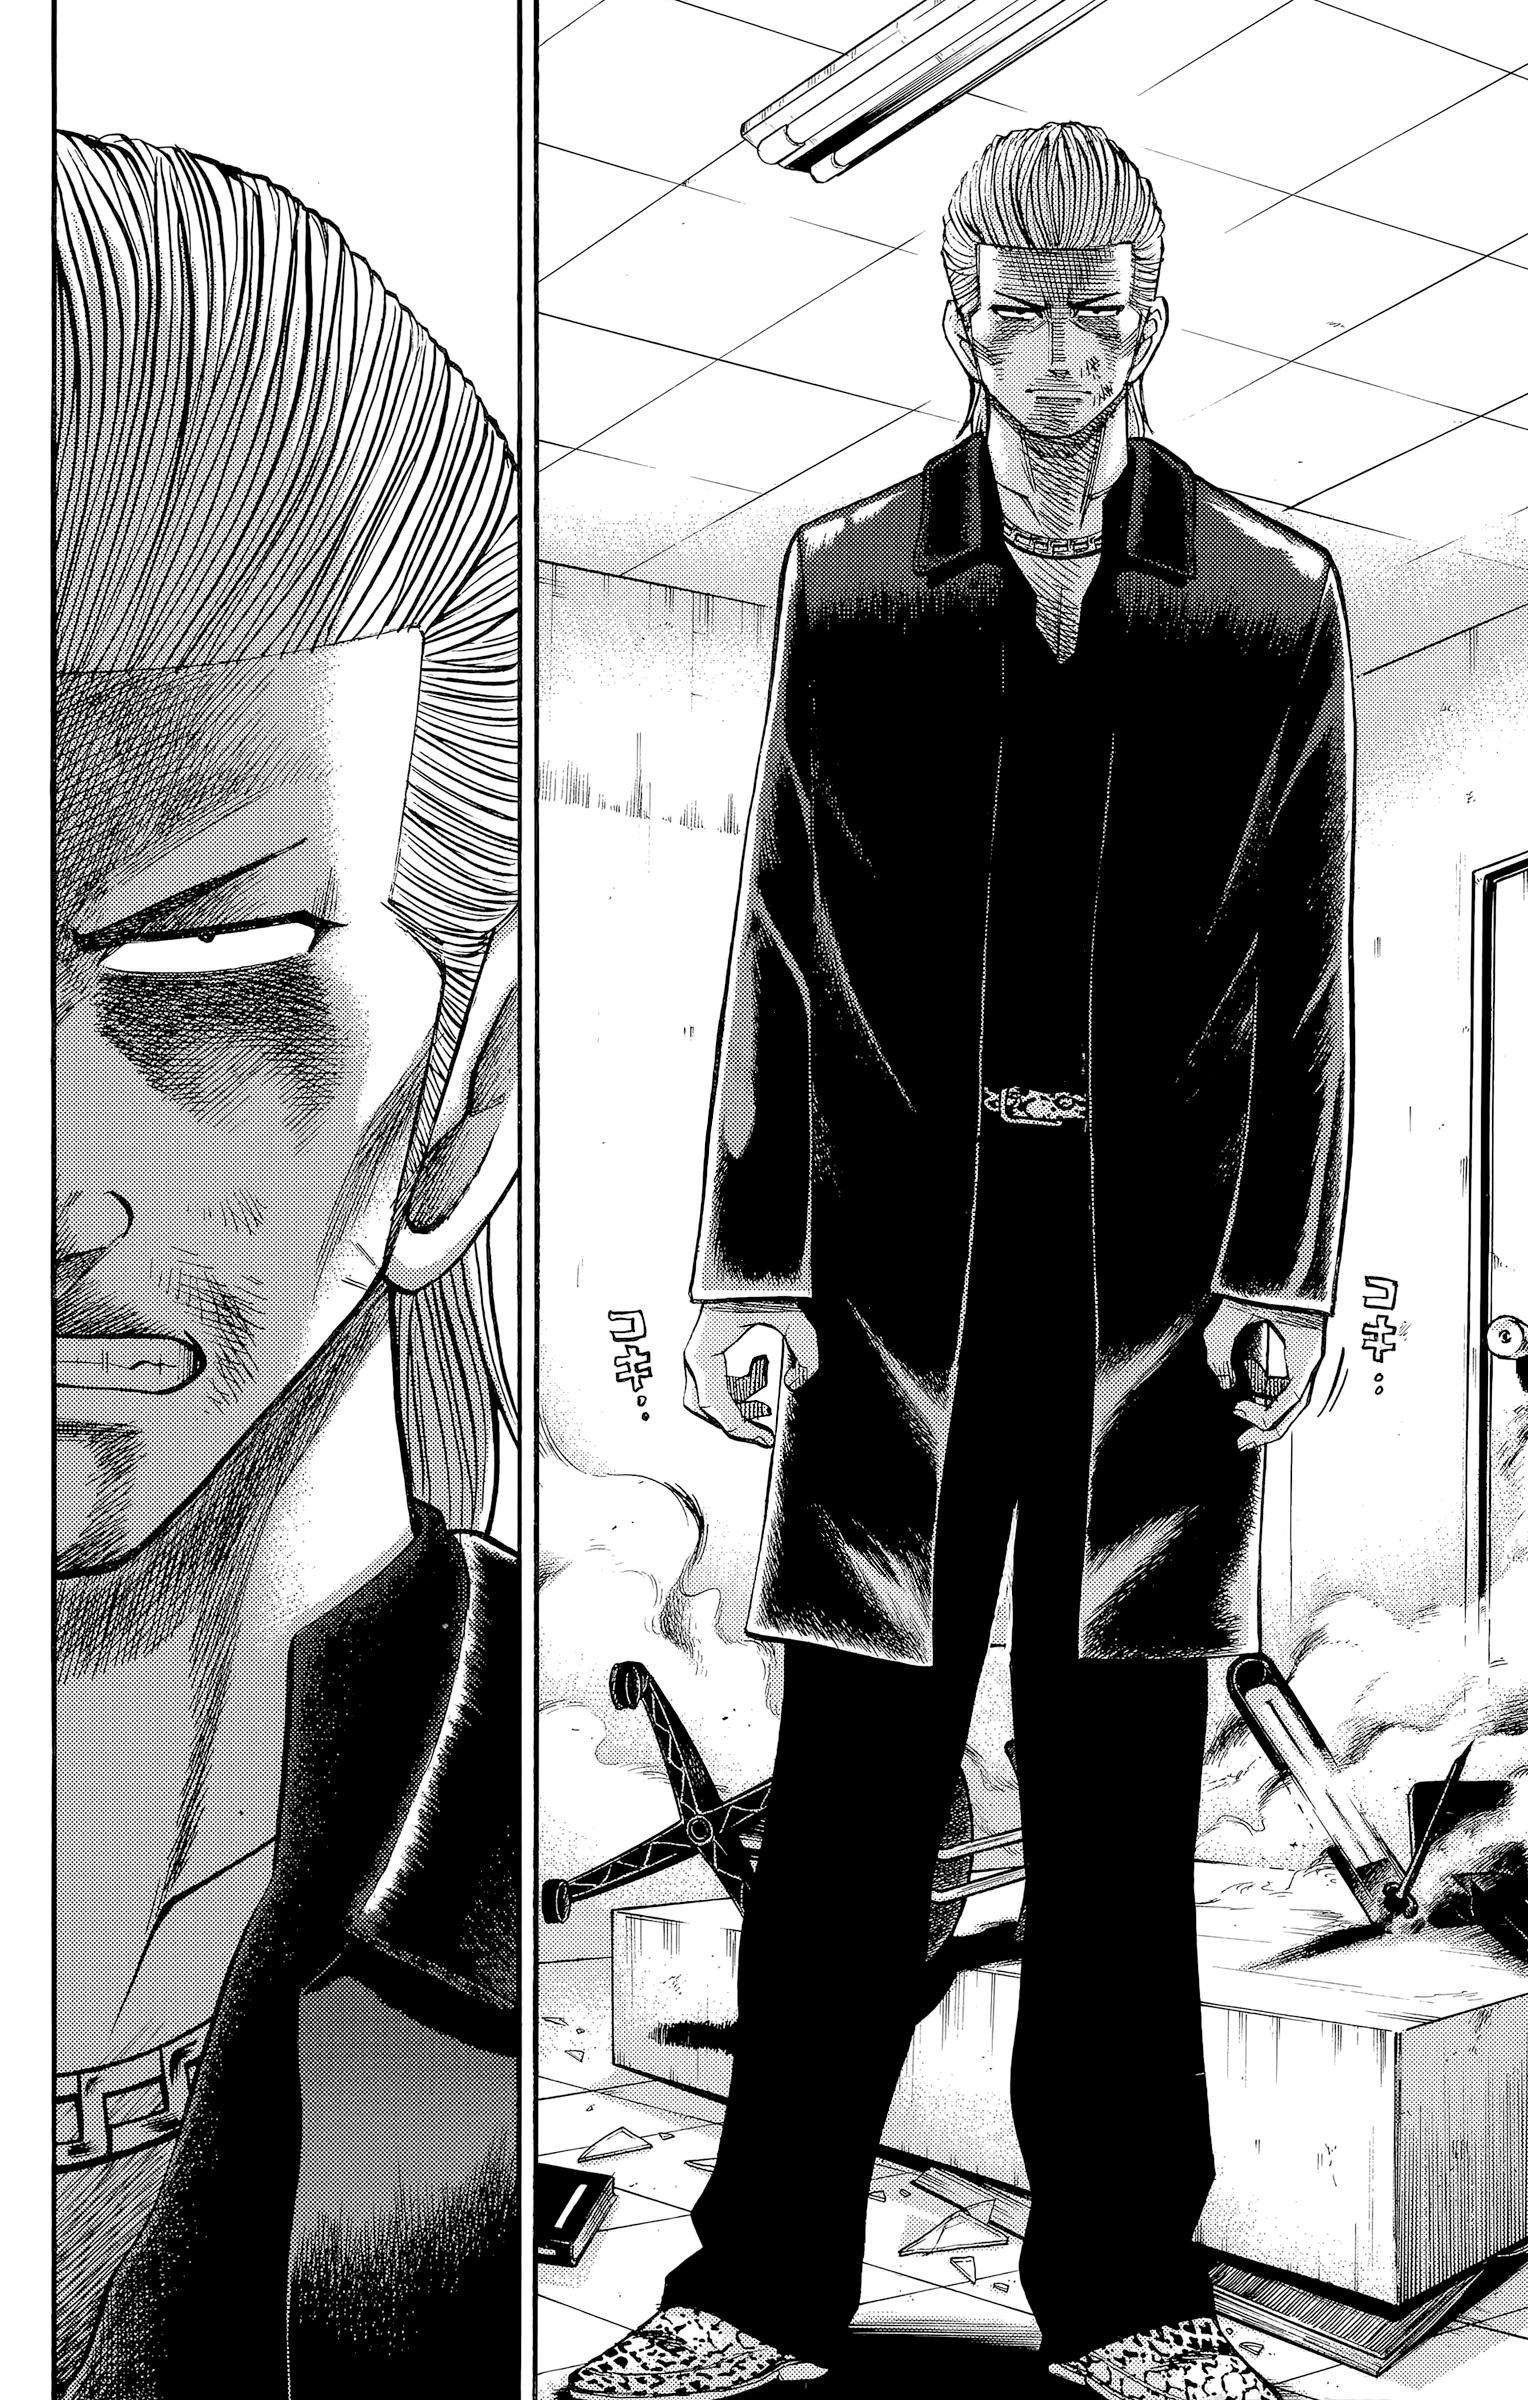 Nanba Mg5 Vol.12 Chapter 104: The Beast Has Been Unleashed page 2 - Mangakakalots.com